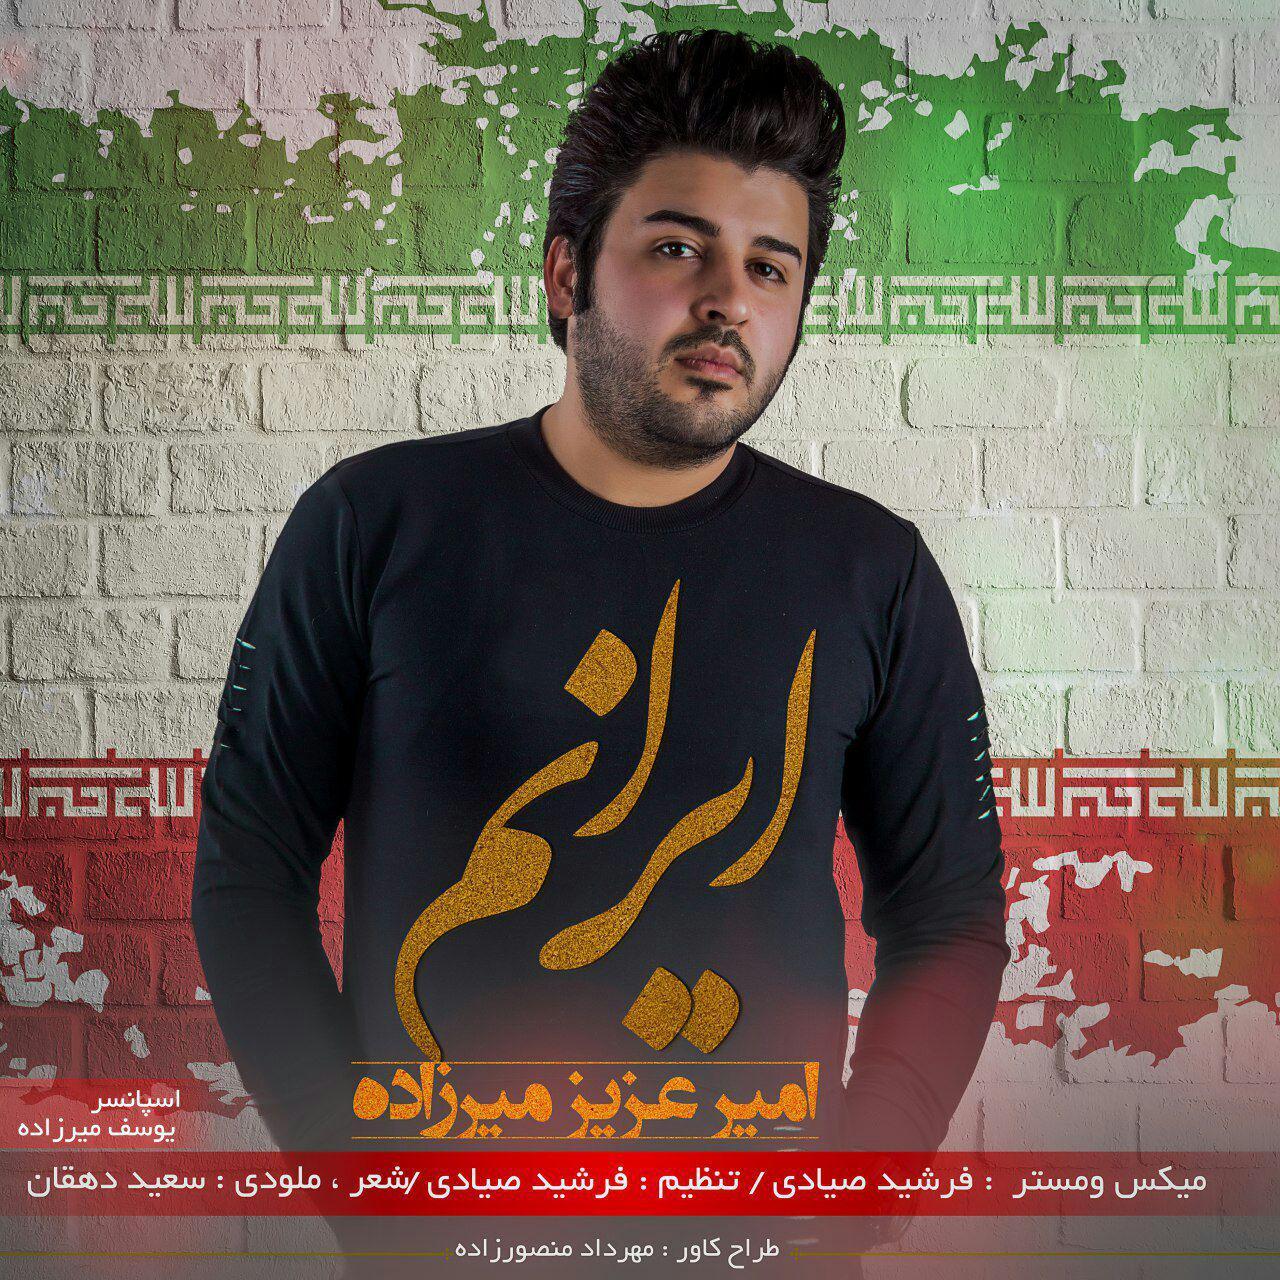 دانلود آهنگ جدید امیر عزیز میرزاده به نام ایرانم